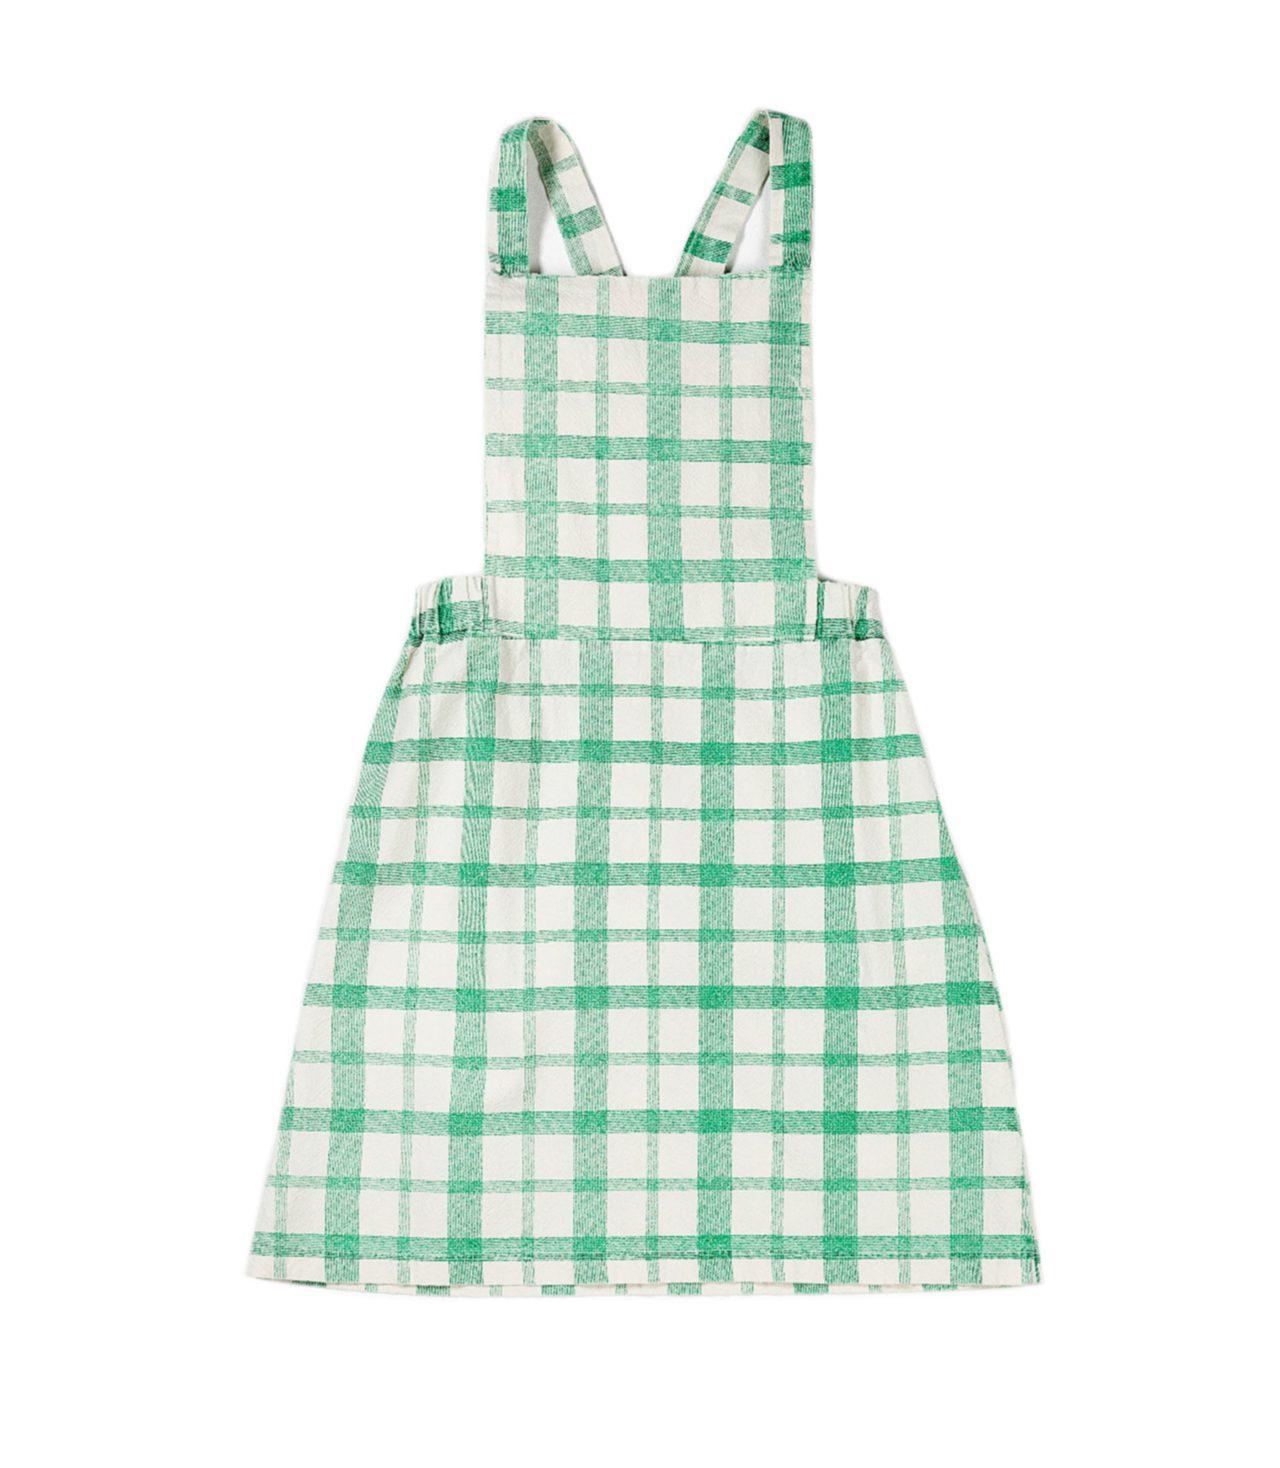 thecampamento_checks_dress_01